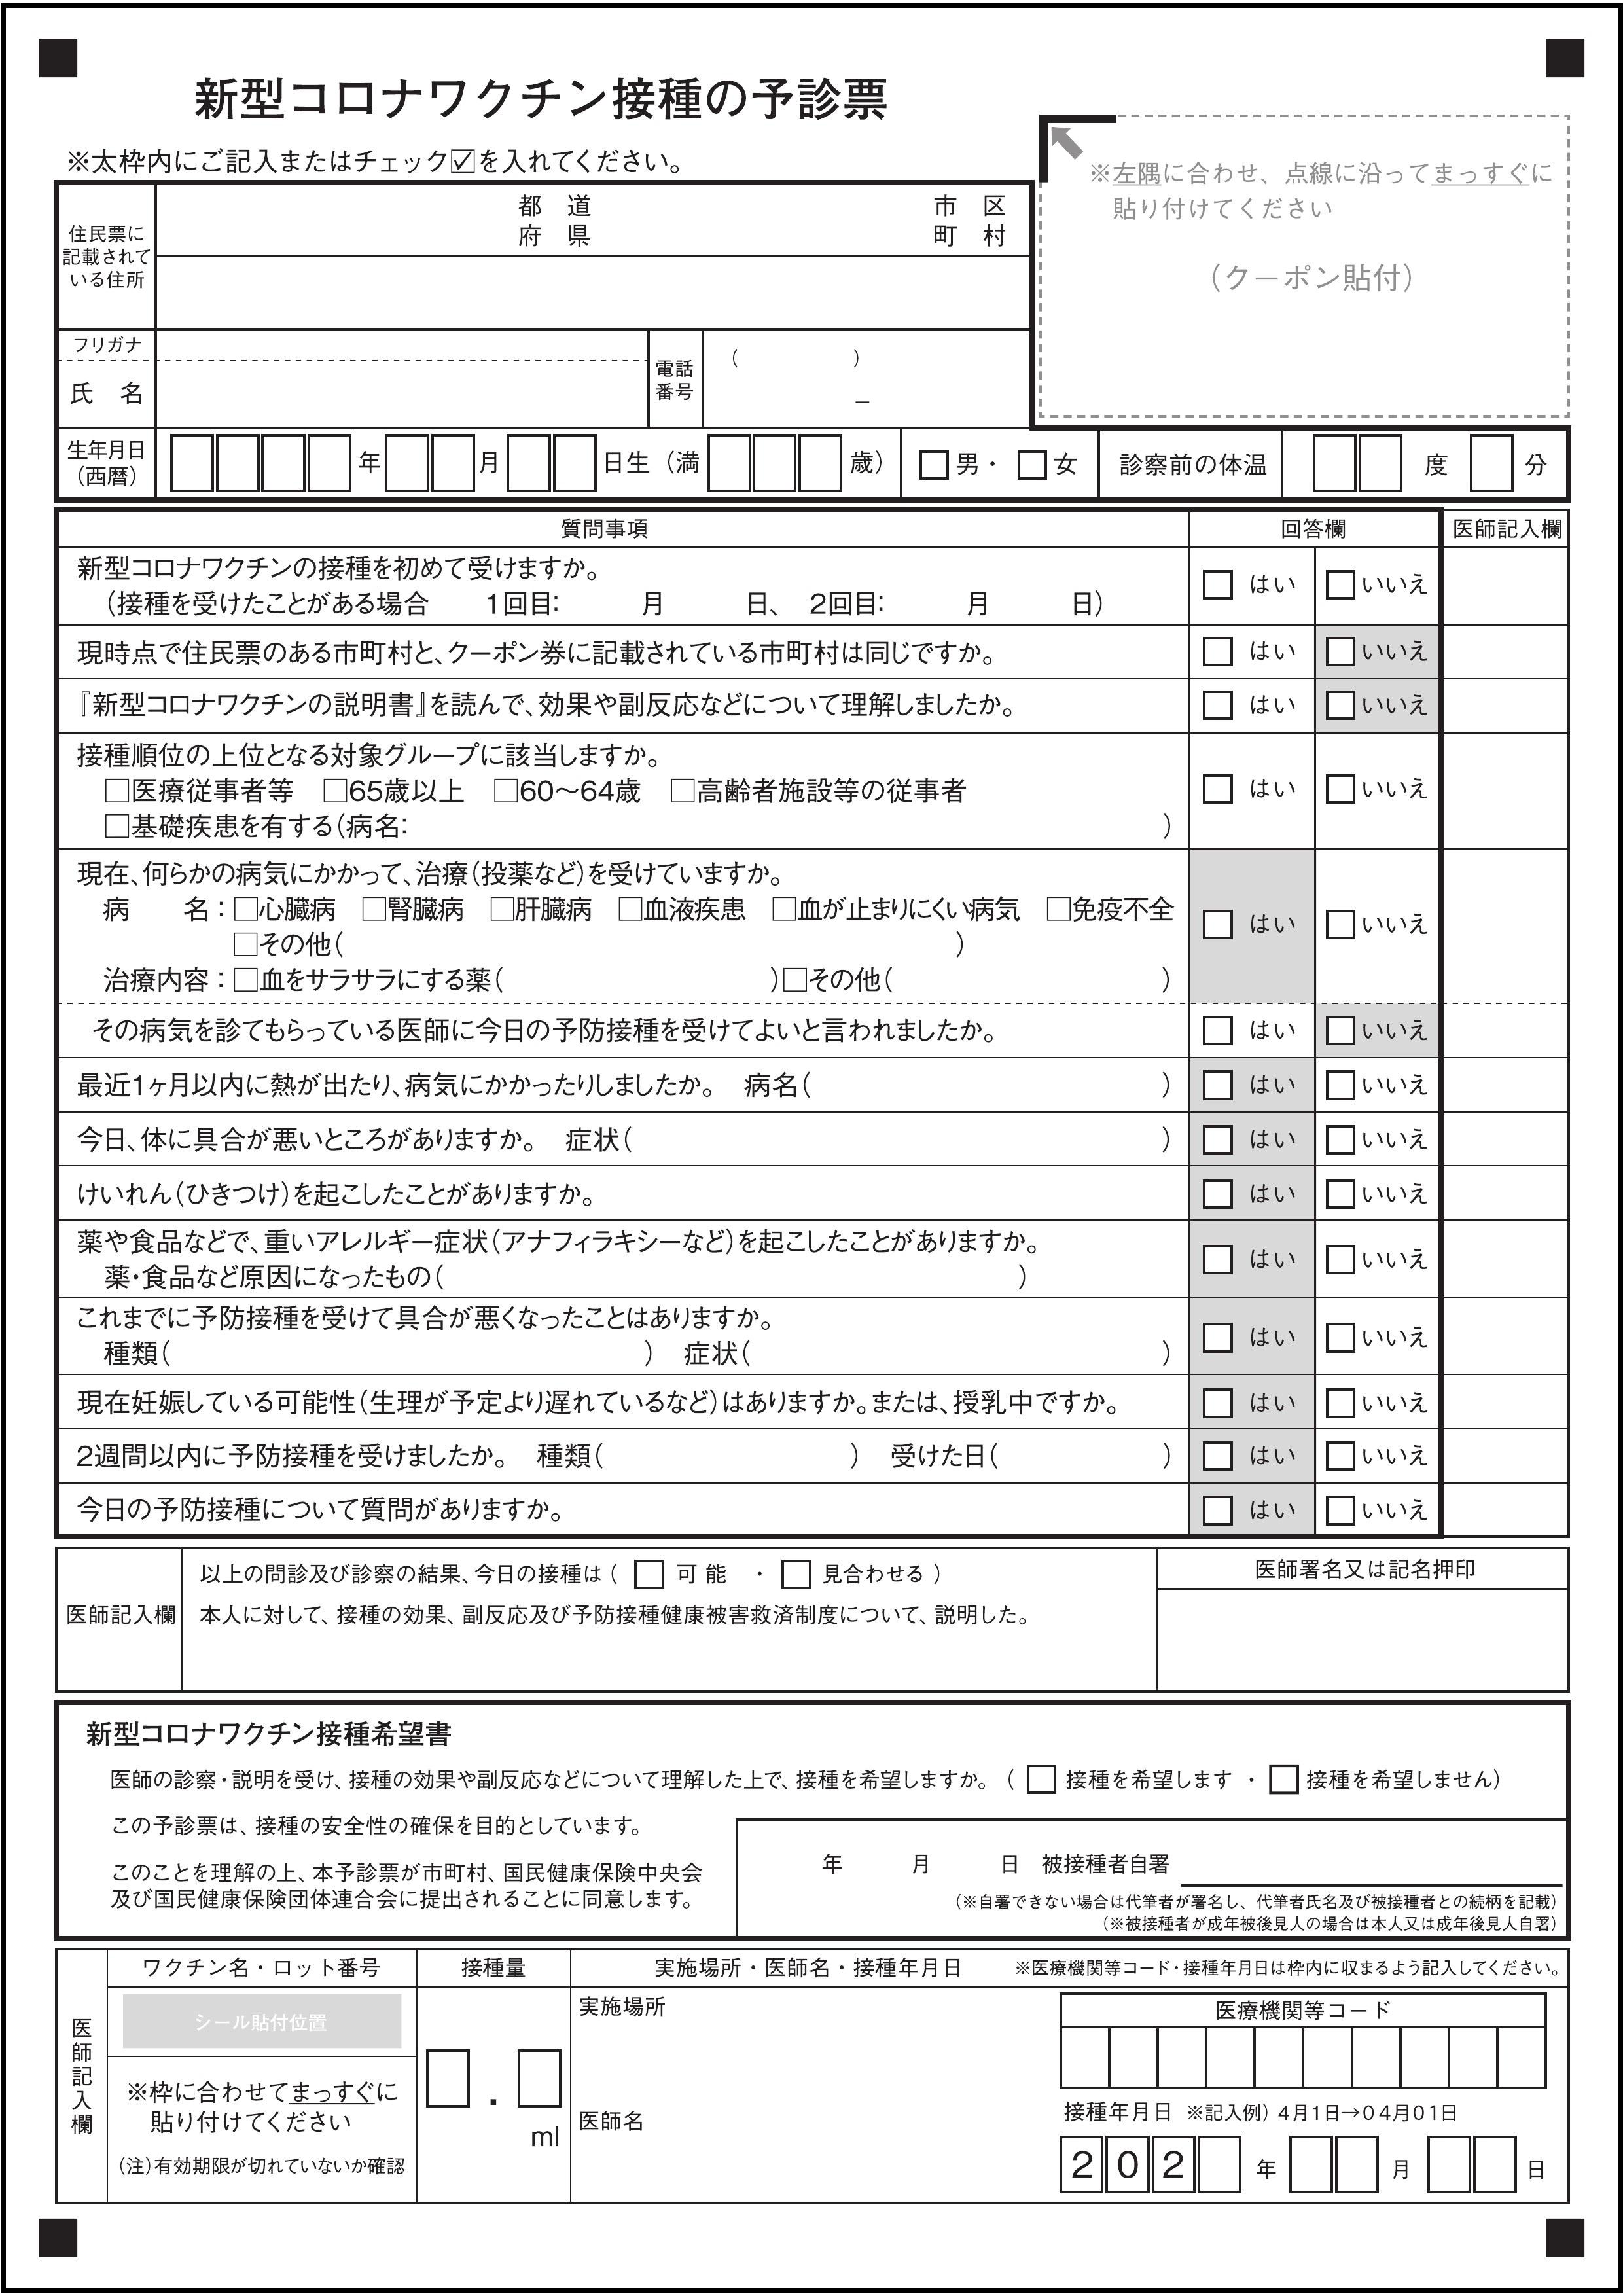 新型コロナワクチン接種の予診票